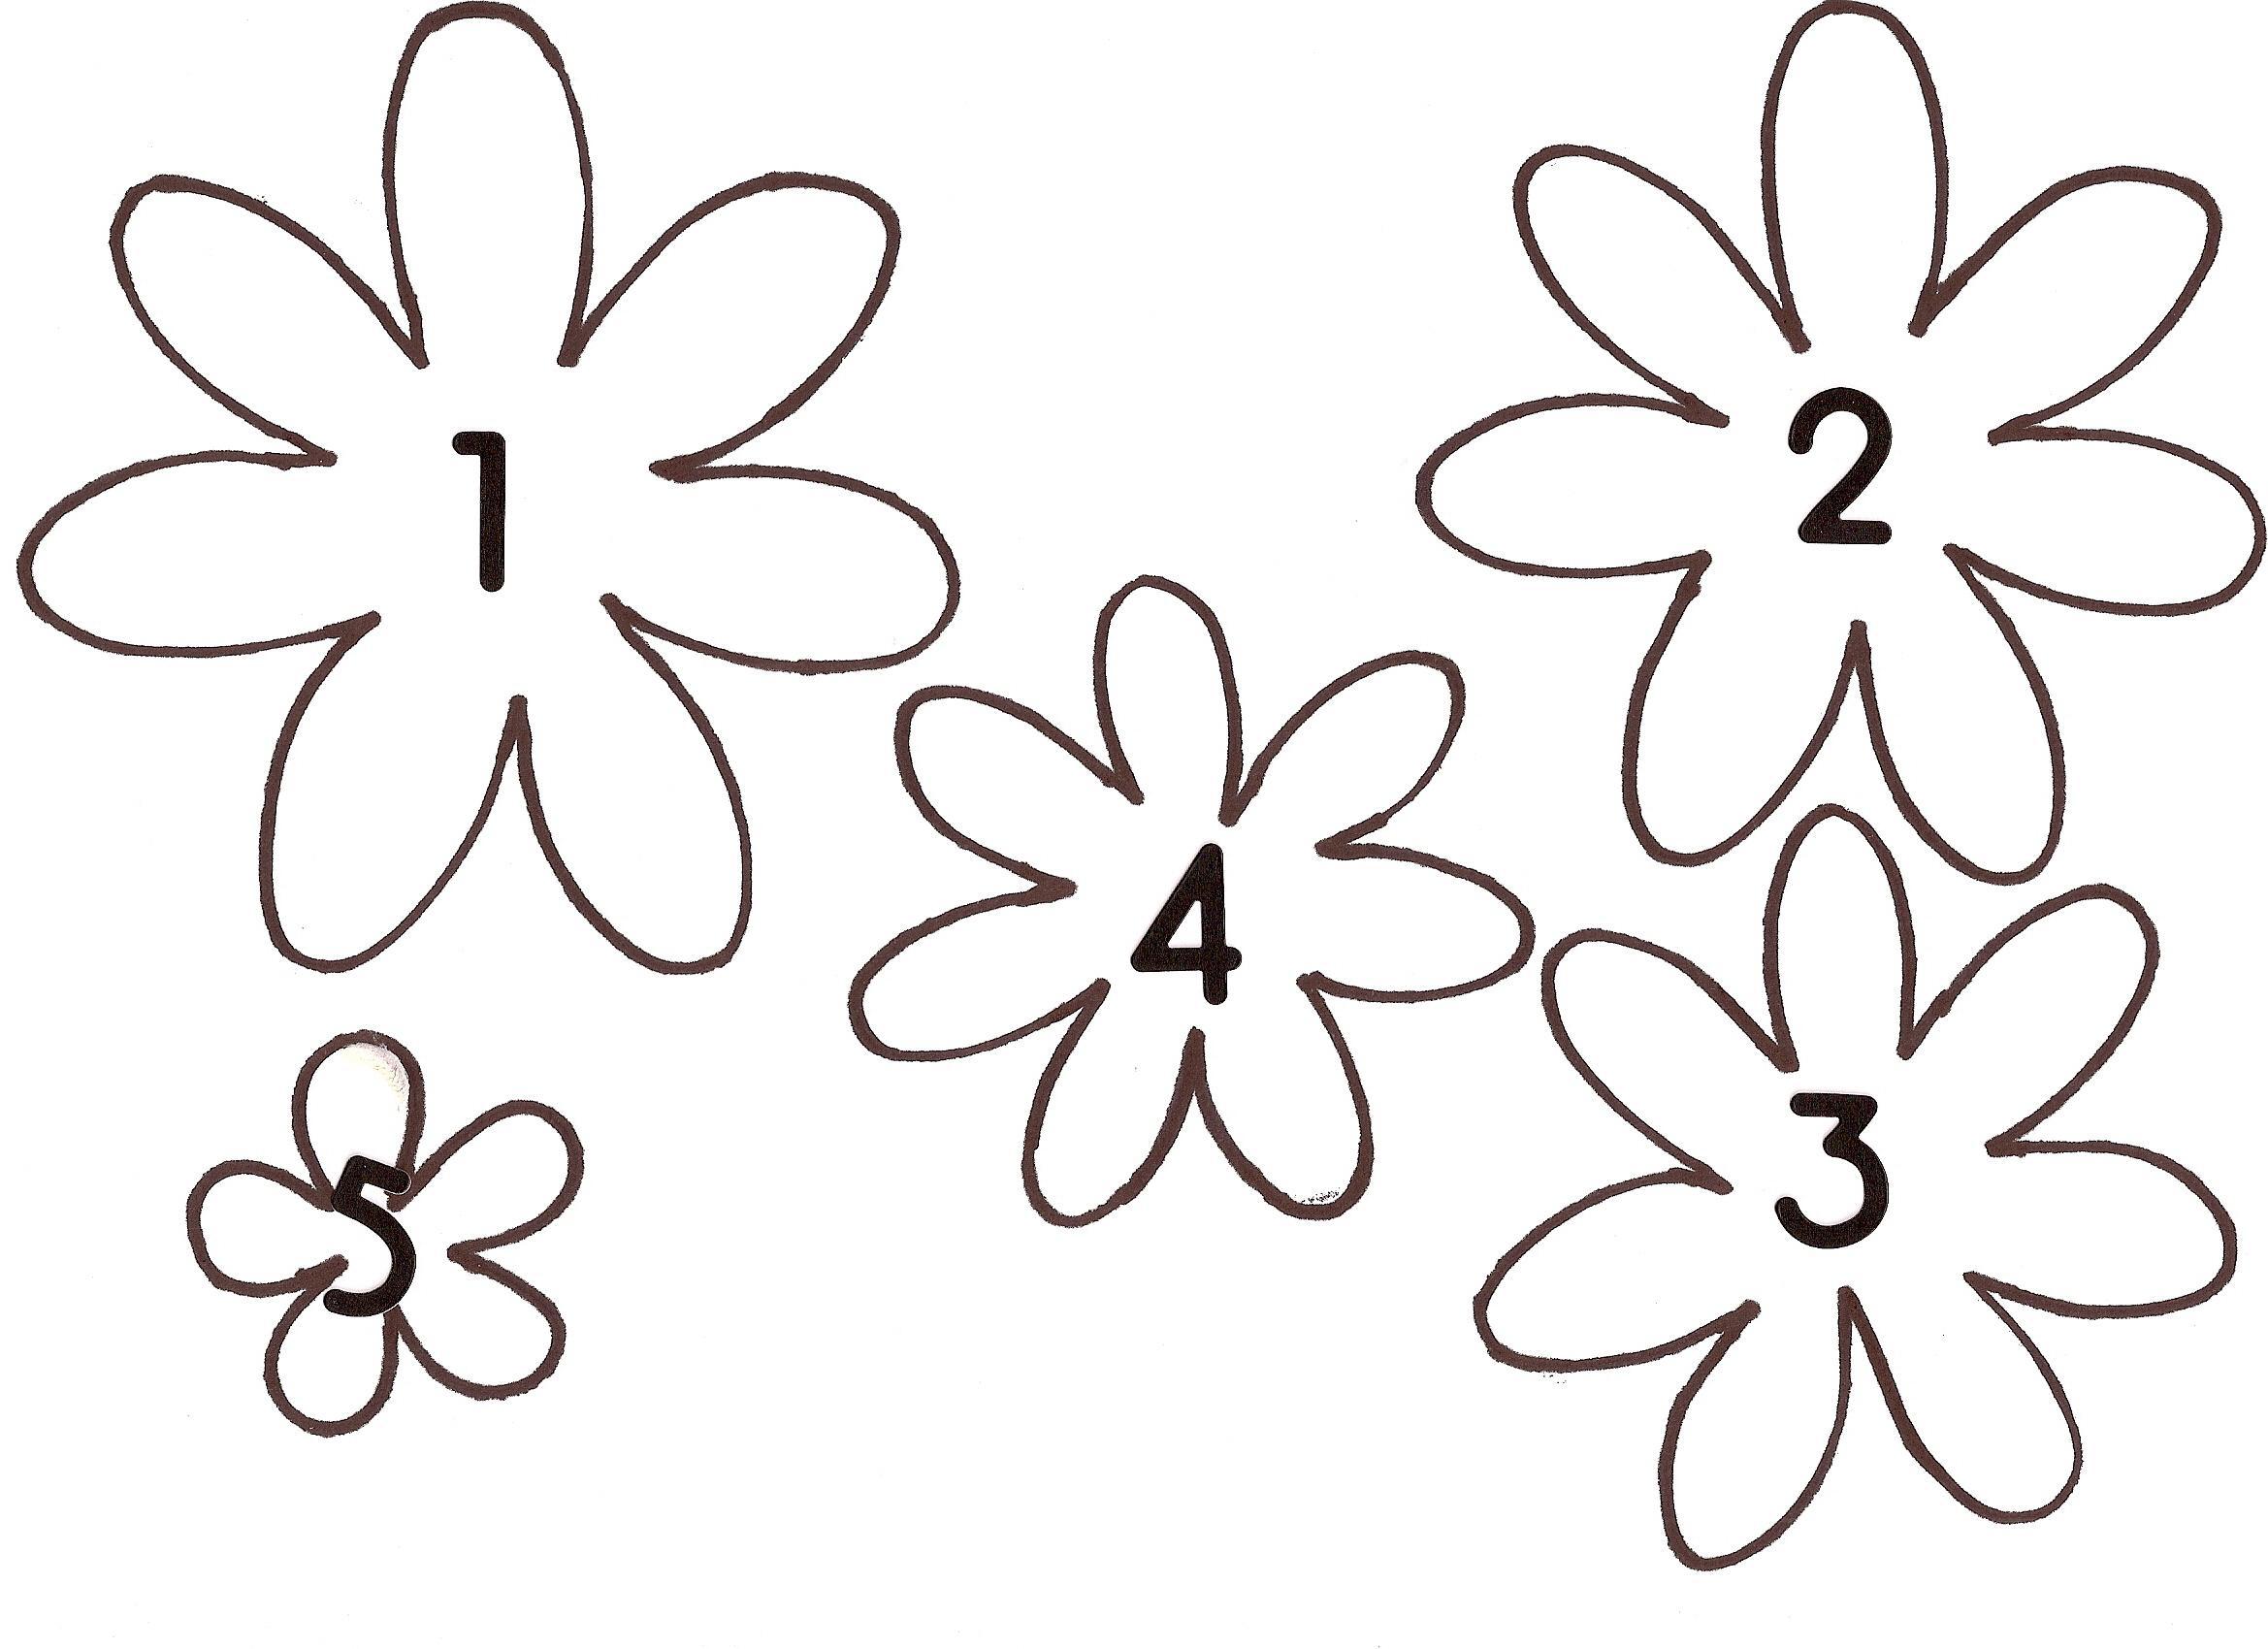 Шаблоны из бумаги цветок ромашка для аппликаций иподелок Раскраски с цветами распечатать бесплатно